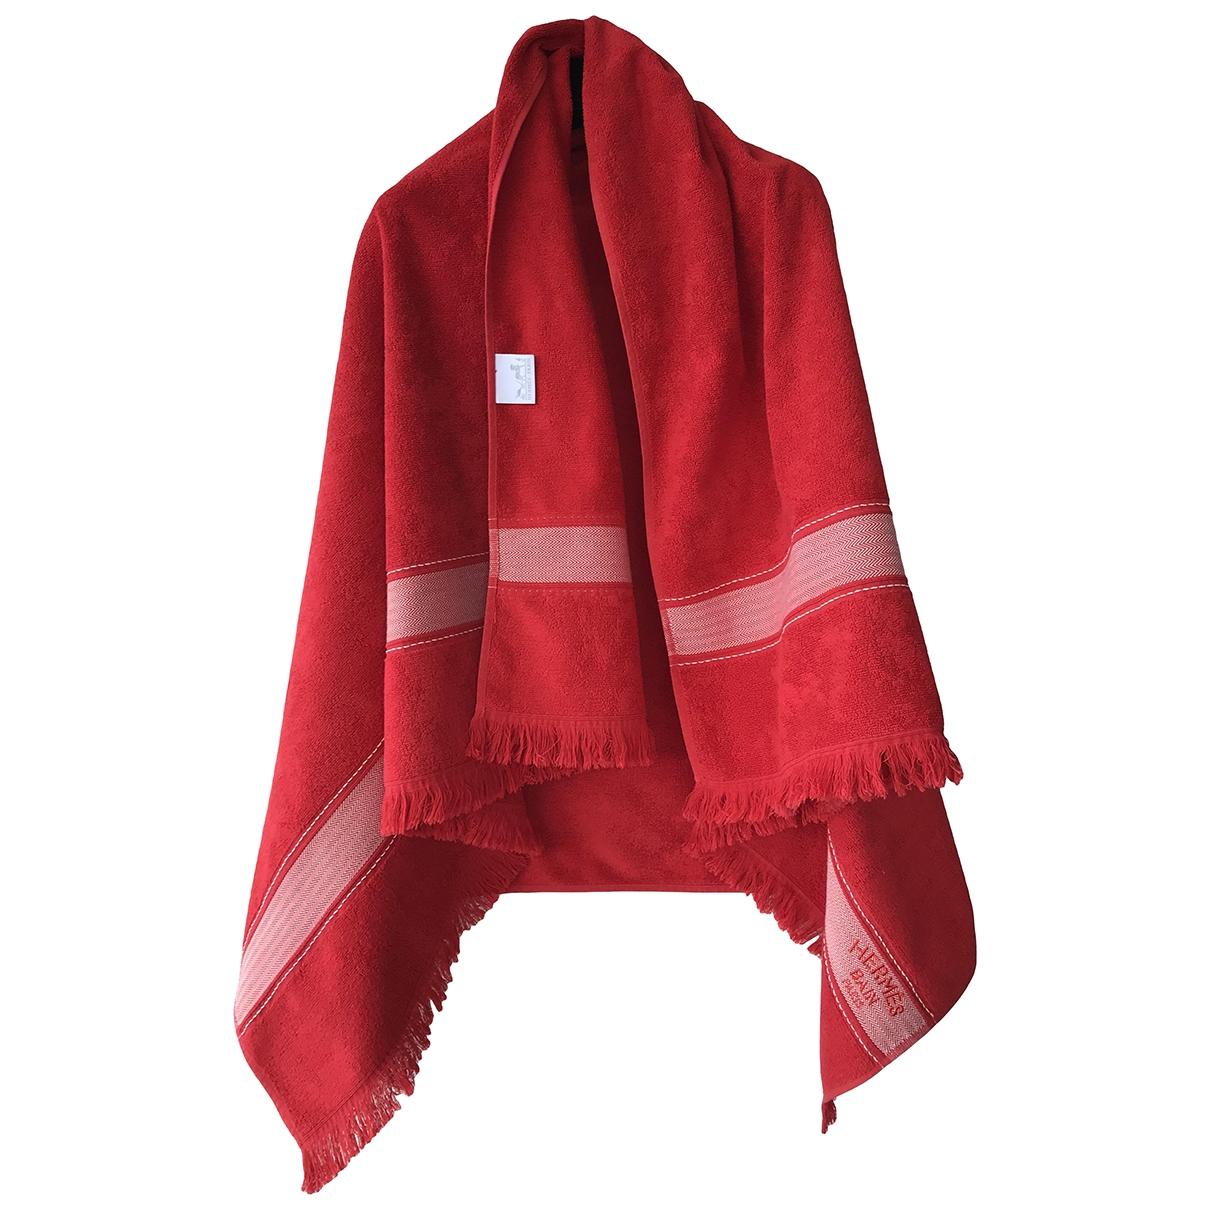 Hermes - Linge de maison   pour lifestyle en coton - rouge